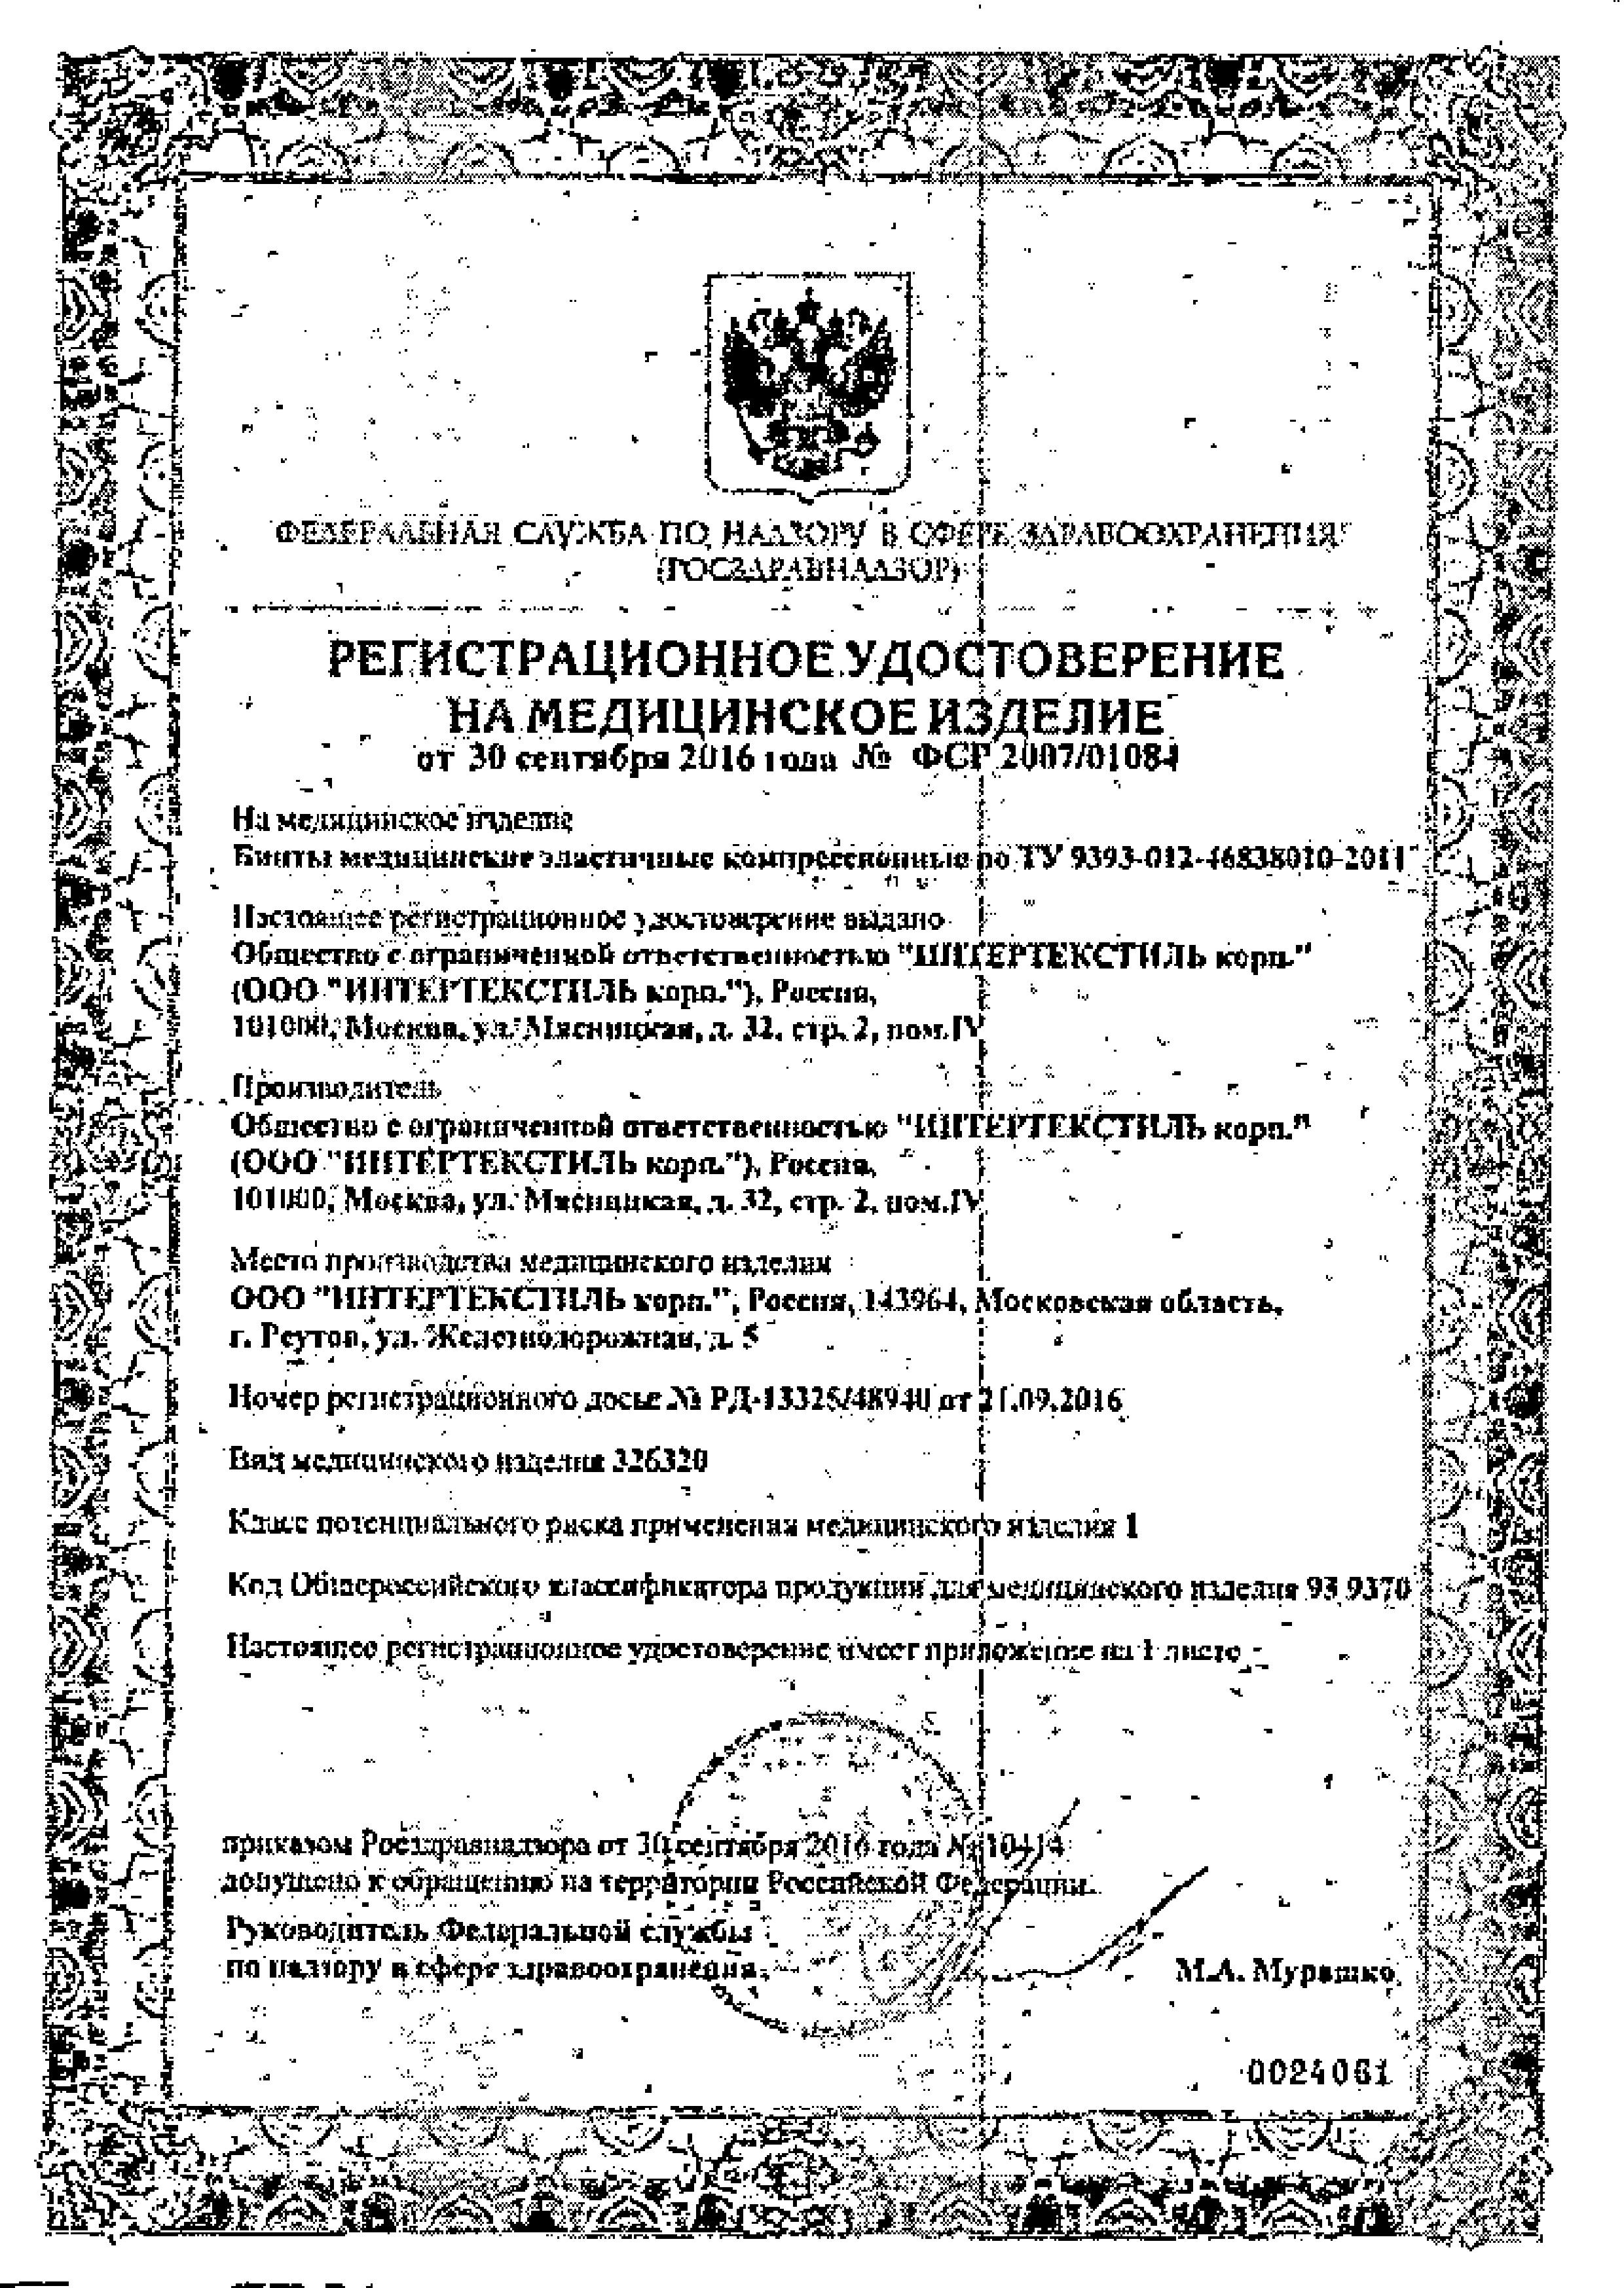 Интекс-Лайт Бинт эластичный компрессионный сертификат